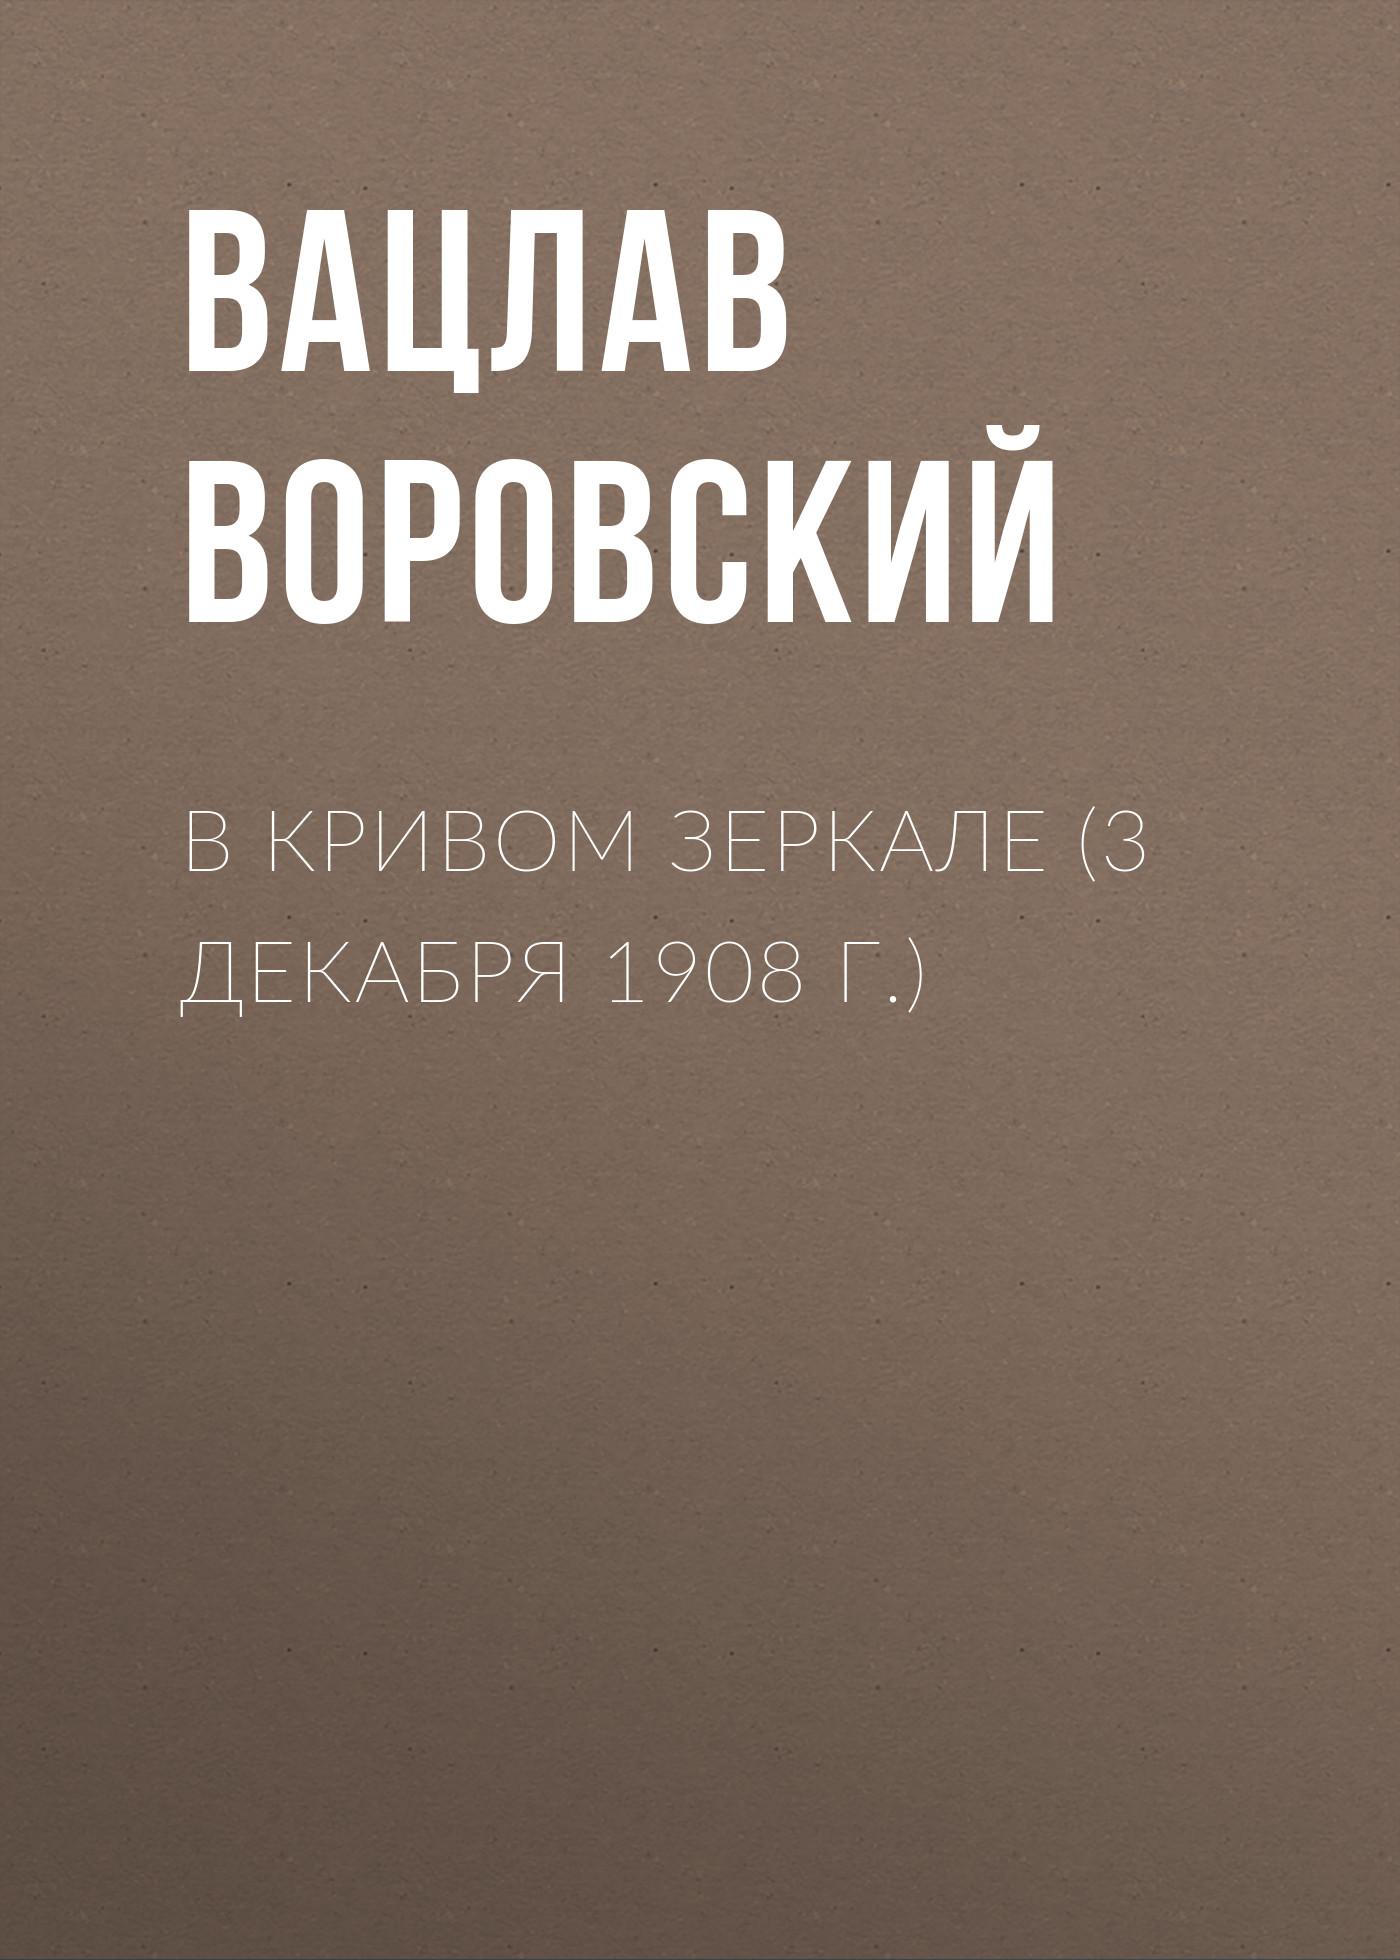 Вацлав Воровский В кривом зеркале (3 декабря 1908 г.) вацлав воровский добывание истины